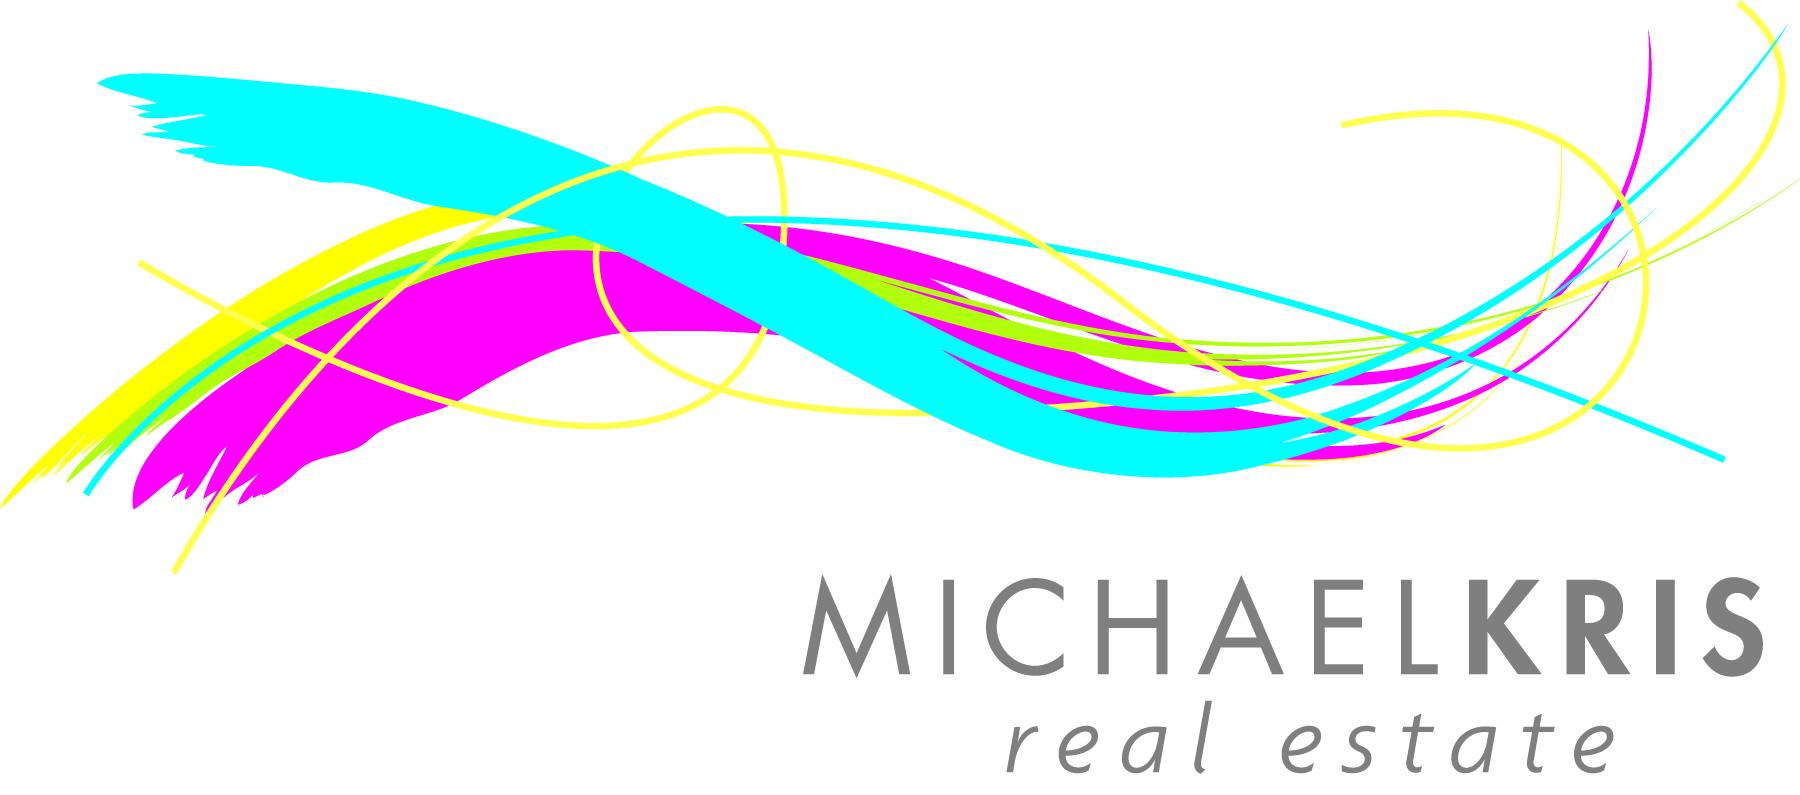 MichaelKris Real Estate - Henley Beach, Henley Beach, 5022